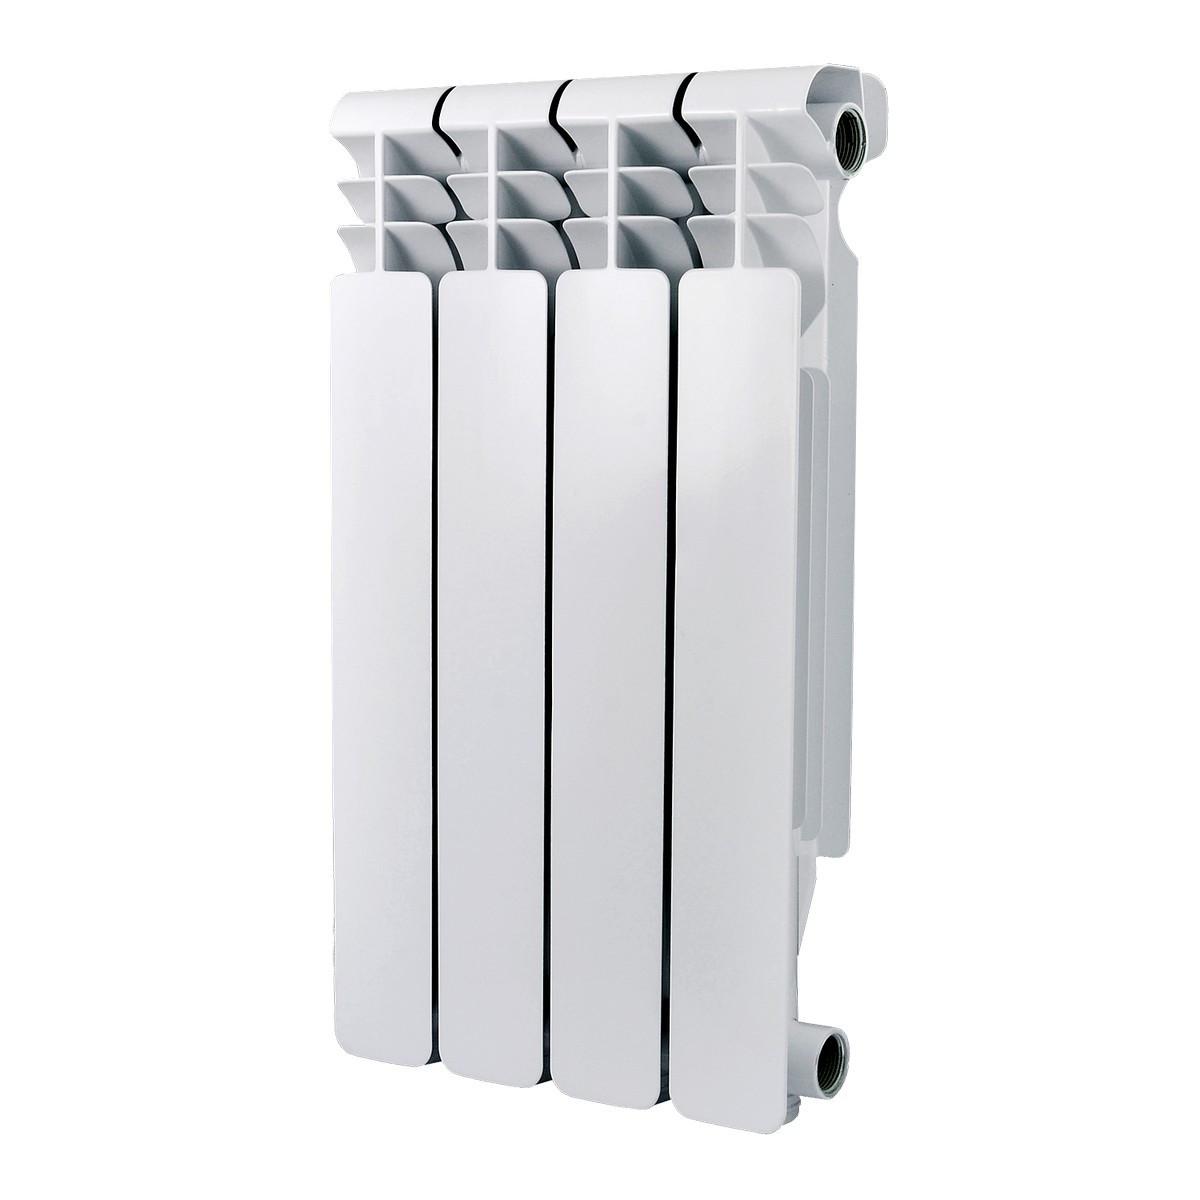 Радиатор алюминий Classic 500 9 секций Ogint 017-3777